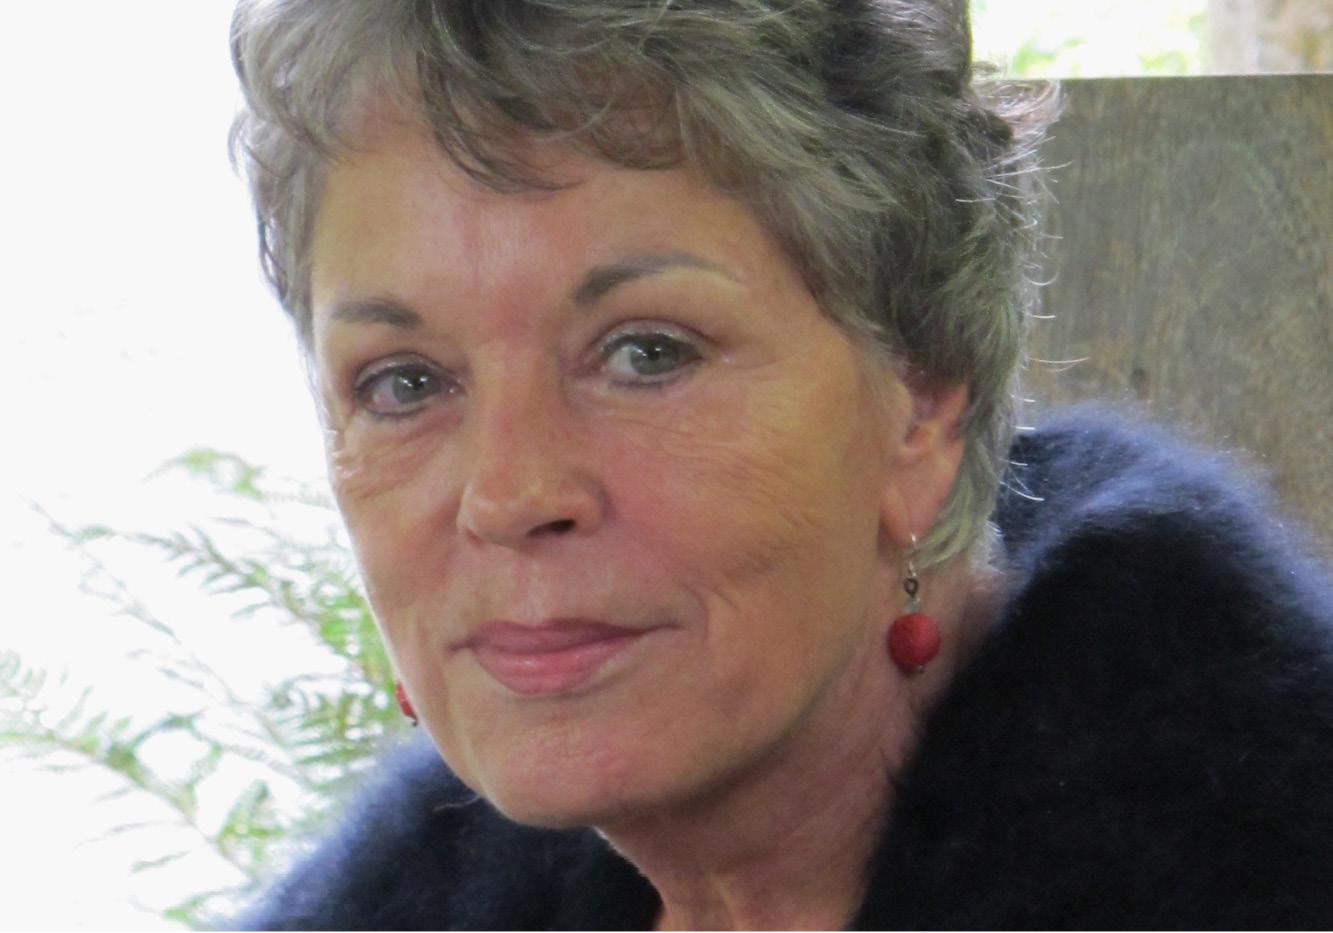 Crista Robinson